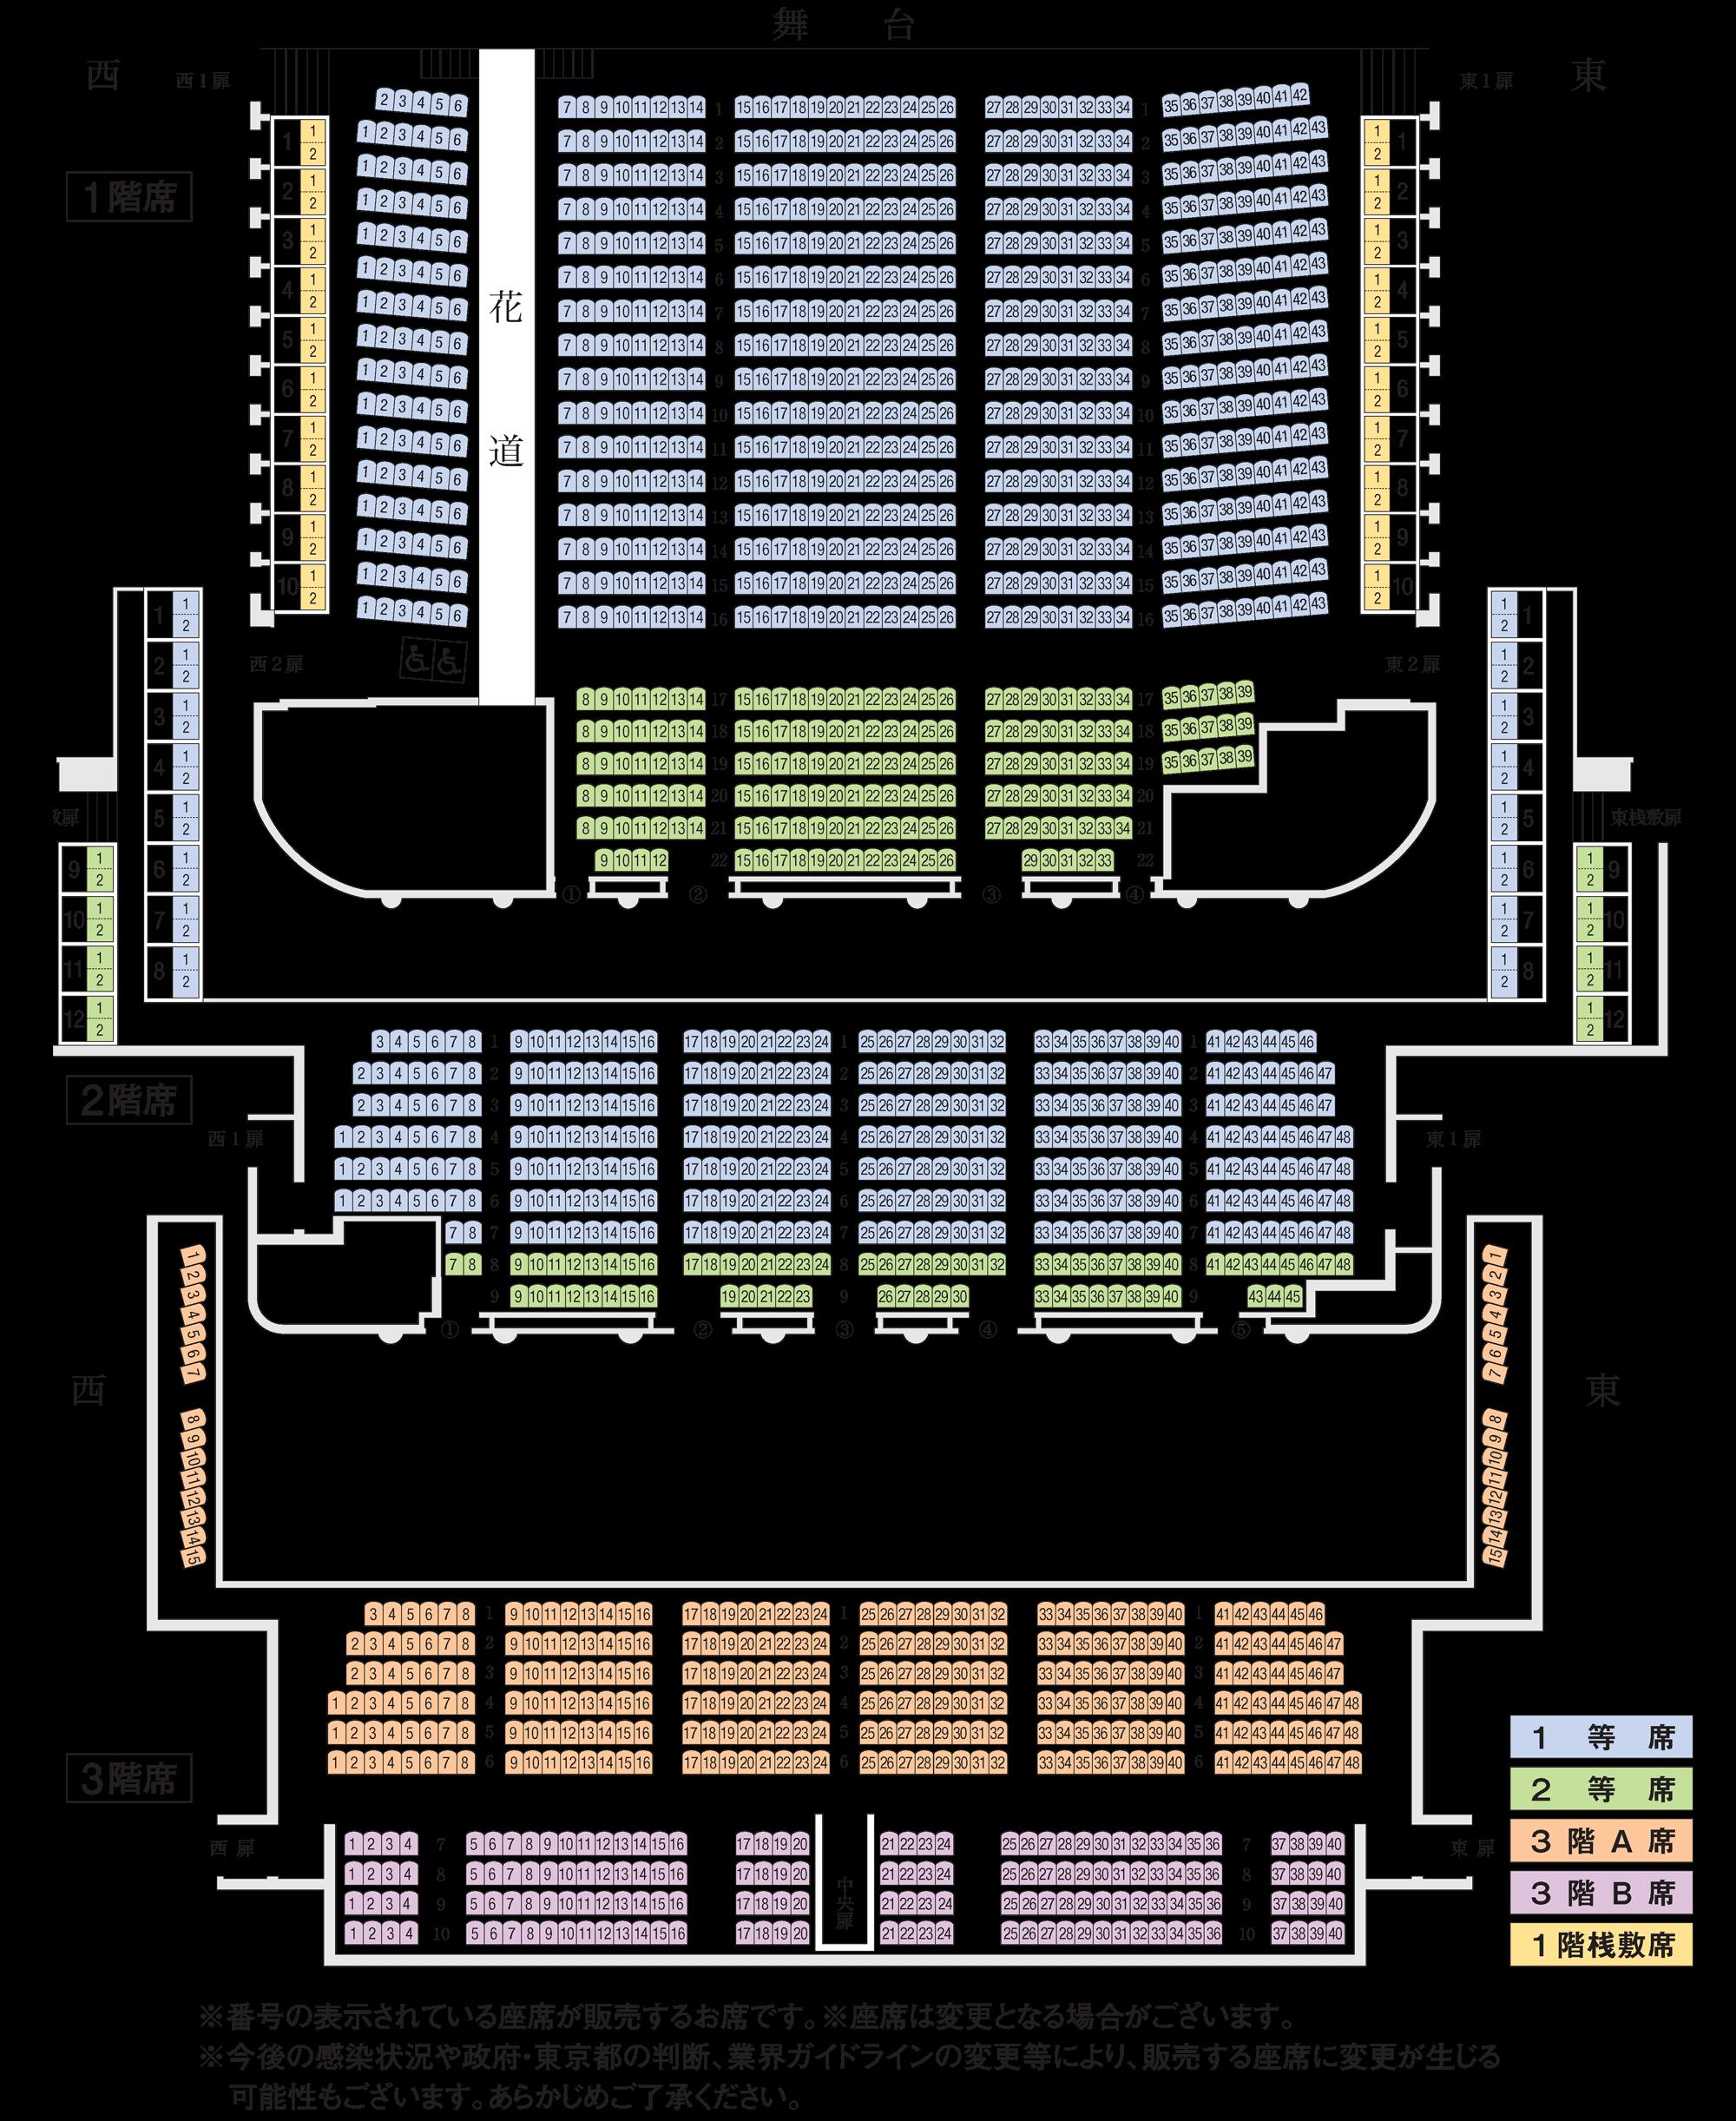 歌舞伎座座席表